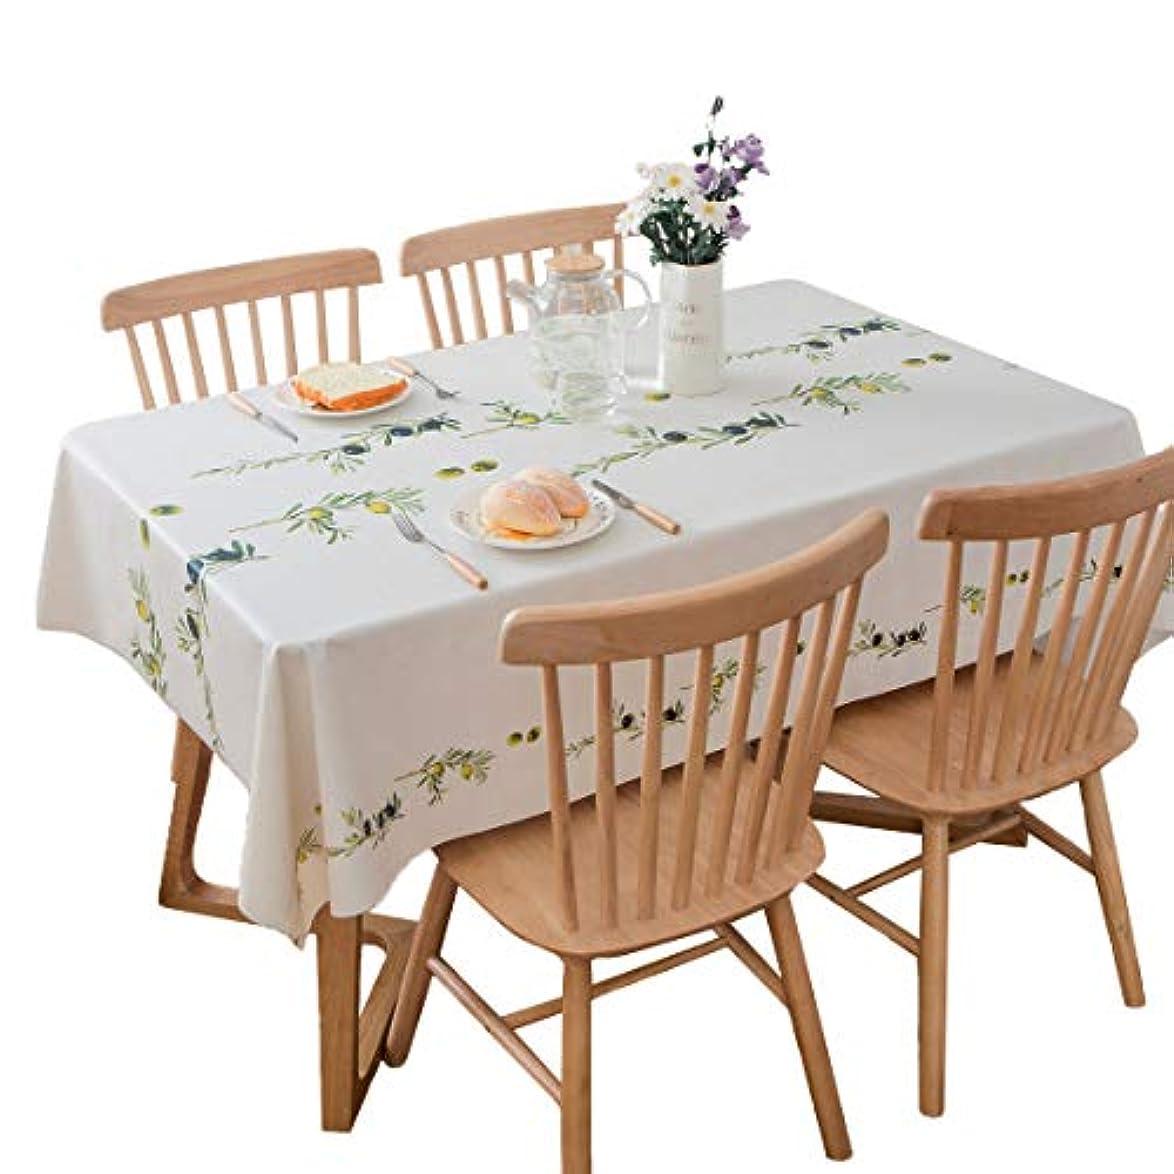 走るなめらか平行H&K テーブルクロス テーブルマット 食卓カバー 厚み0.3mm PVC製 撥水加工 汚れ防止 家庭用 業務用 サイズ別(約 137cmx185cm、137cmx225cm)